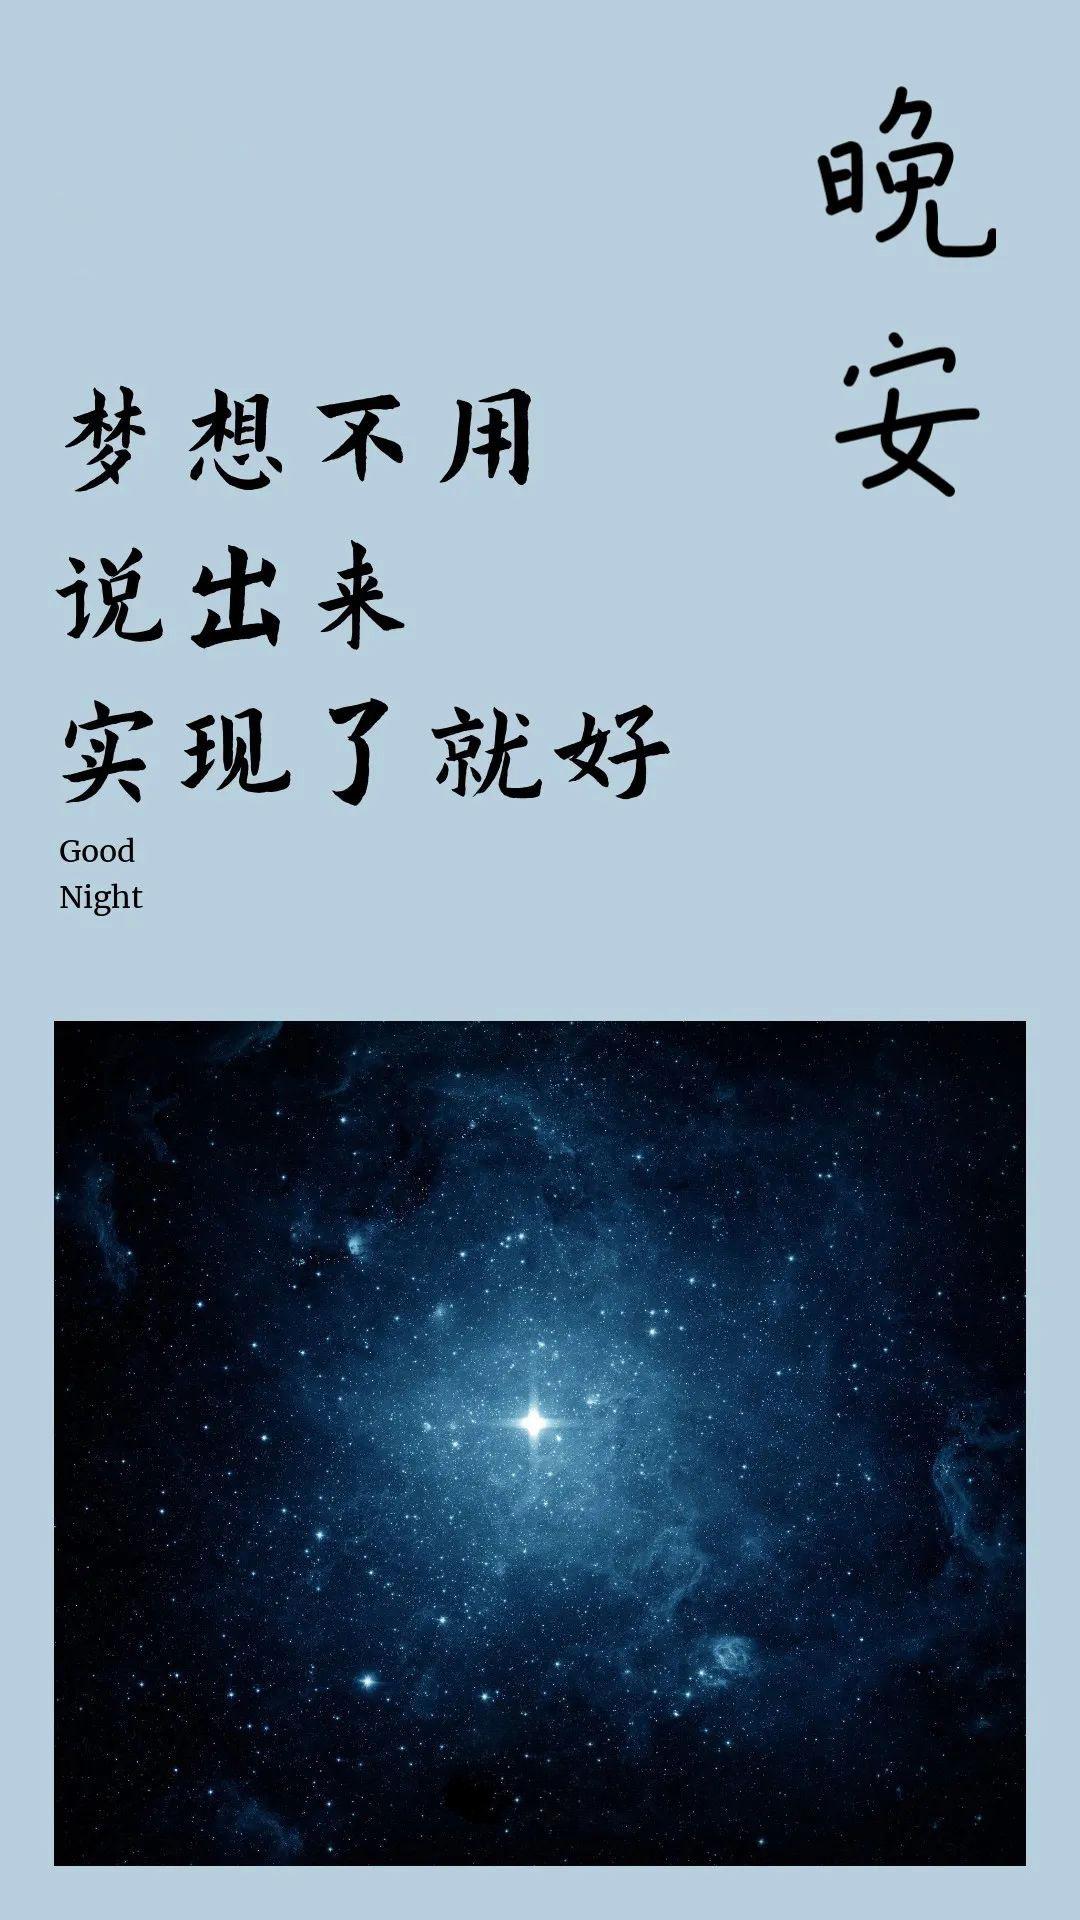 简短精致晚安心语句子美图:生活值得热爱,你要努力过好自己